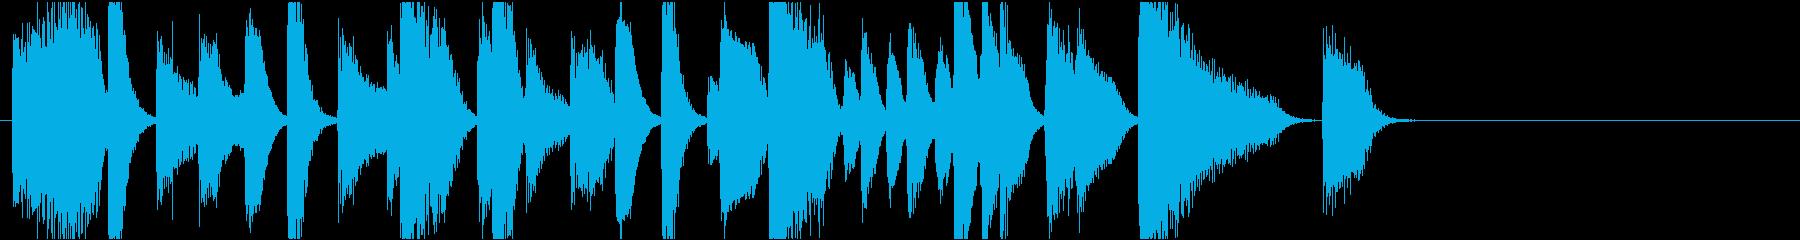 ジングル おしゃれでクールなジャズピアノの再生済みの波形